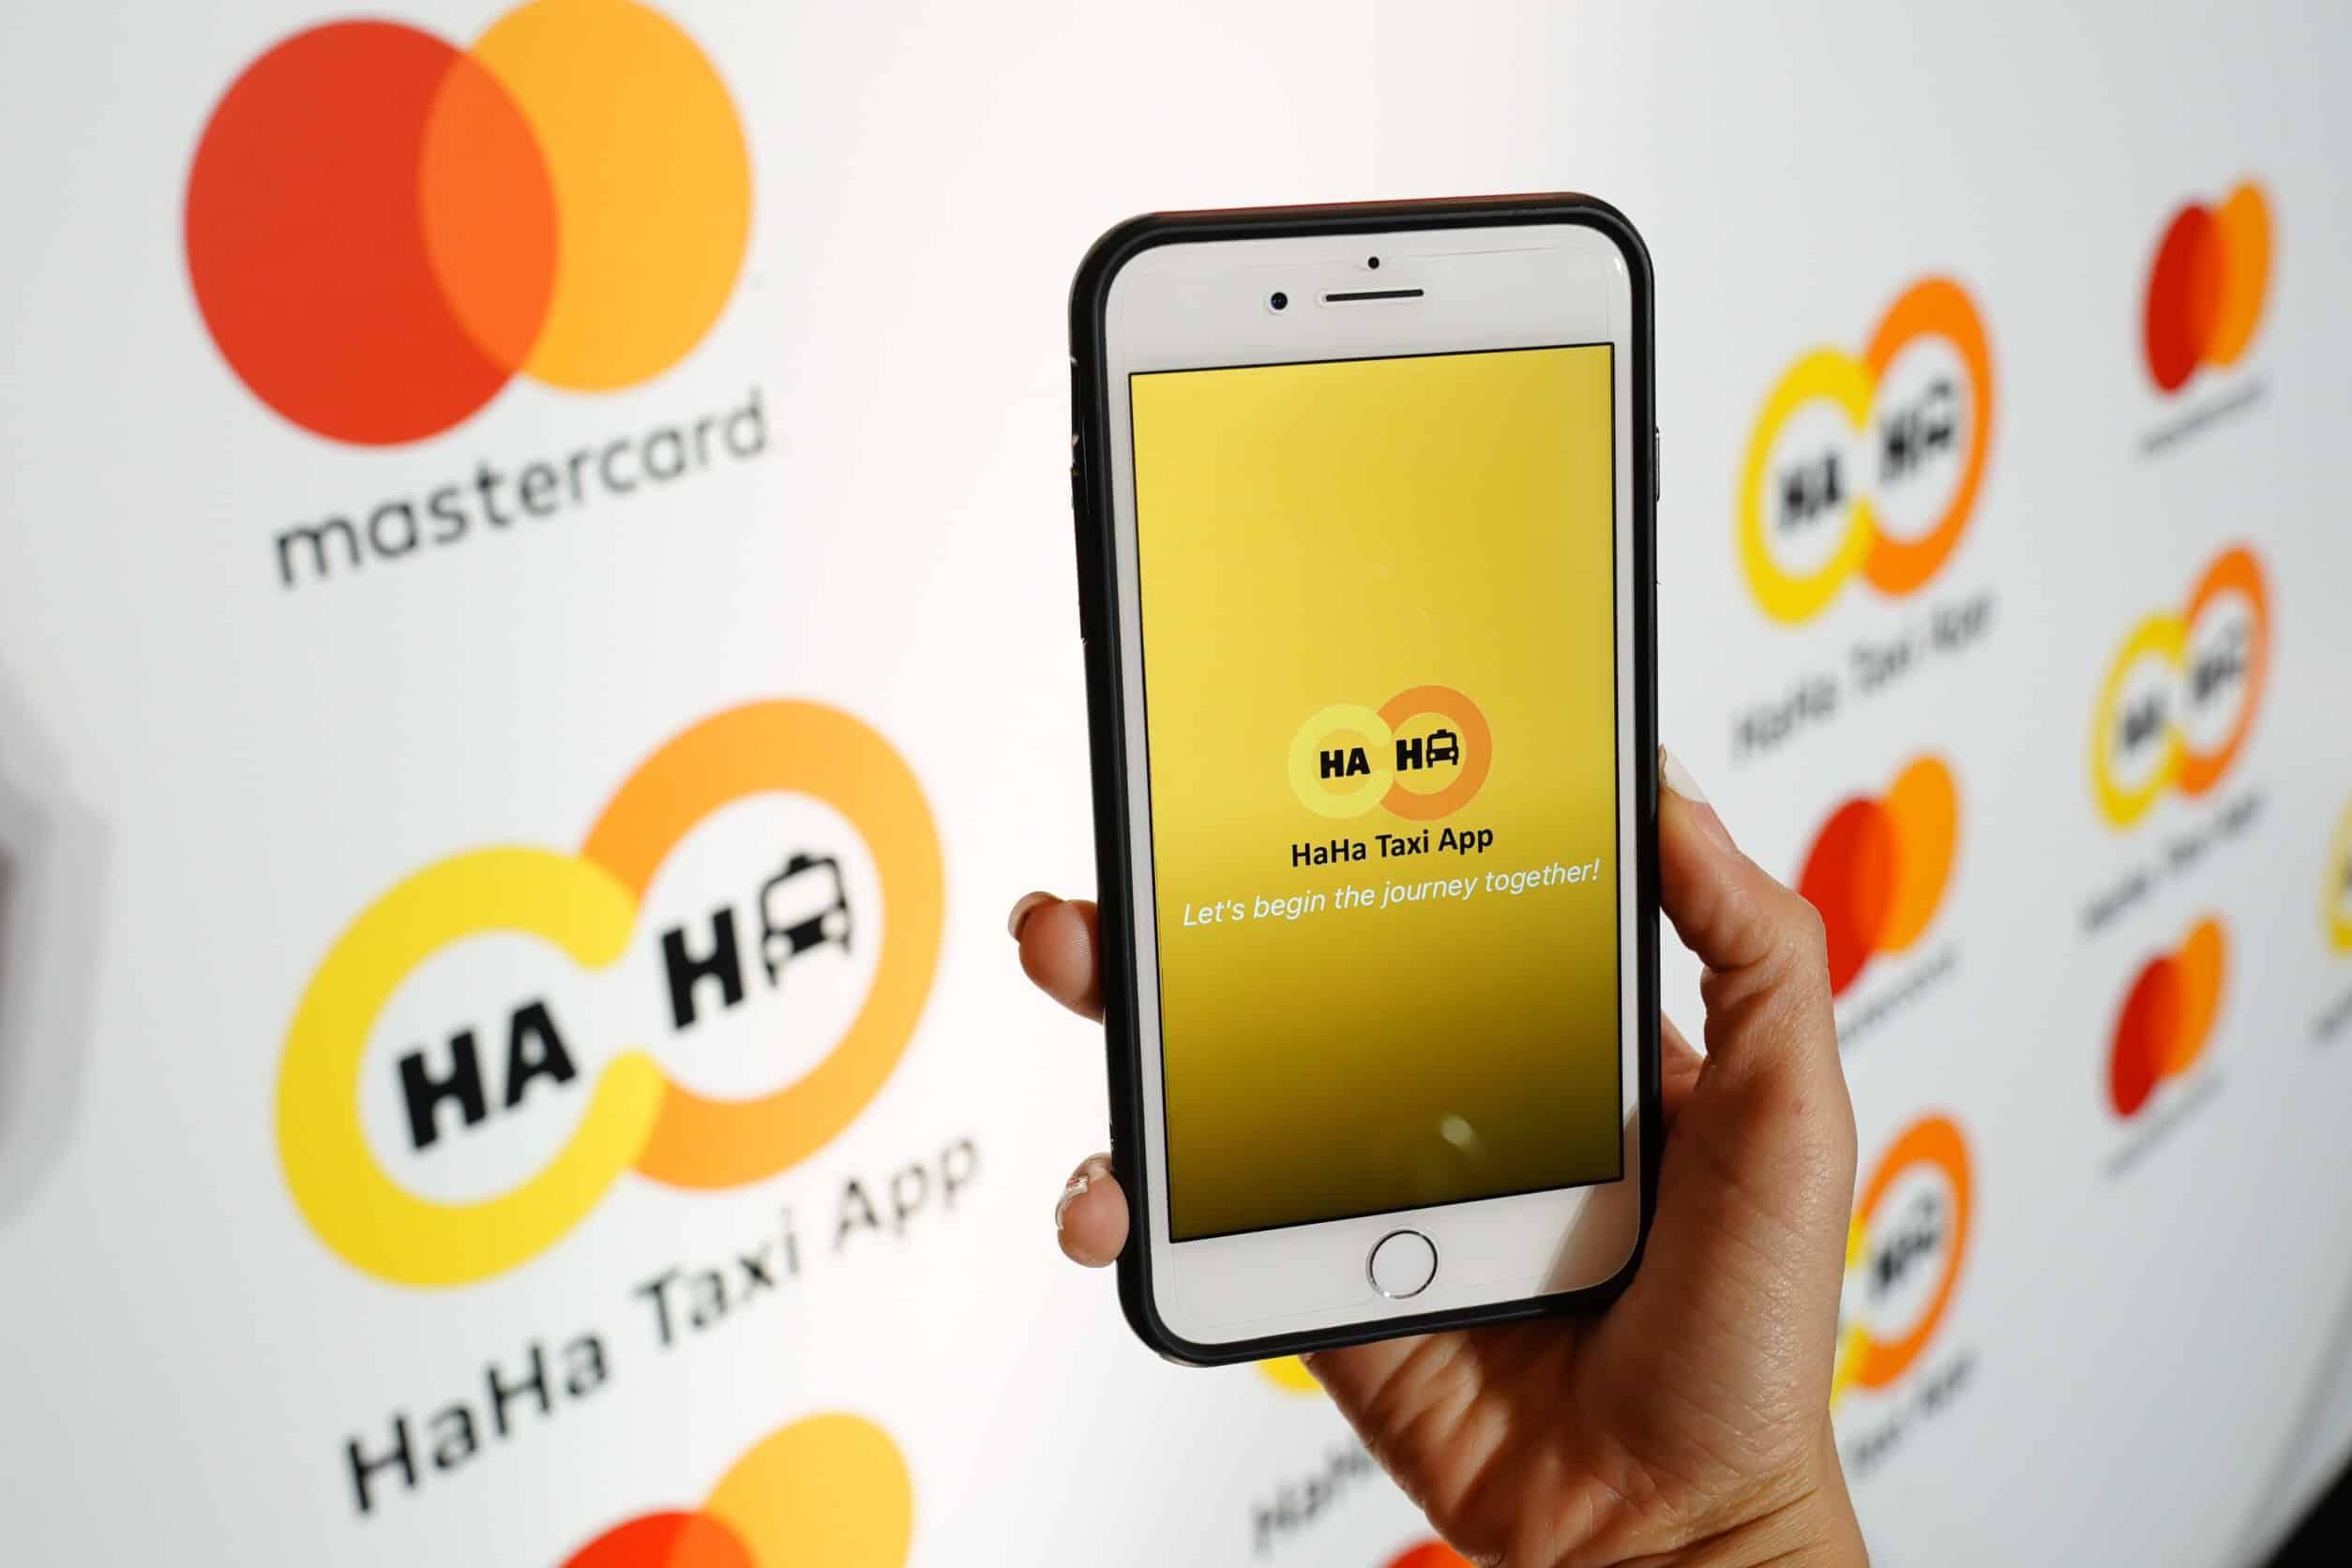 HaHa Taxi App - เปิดตัว HaHa Taxi App ทางเลือกใหม่สำหรับผู้โดยสาร เพื่อแท็กซี่กรุงเทพฯ ยุคใหม่ ปลอดภัย จ่ายเงินง่าย ไร้เงินสด